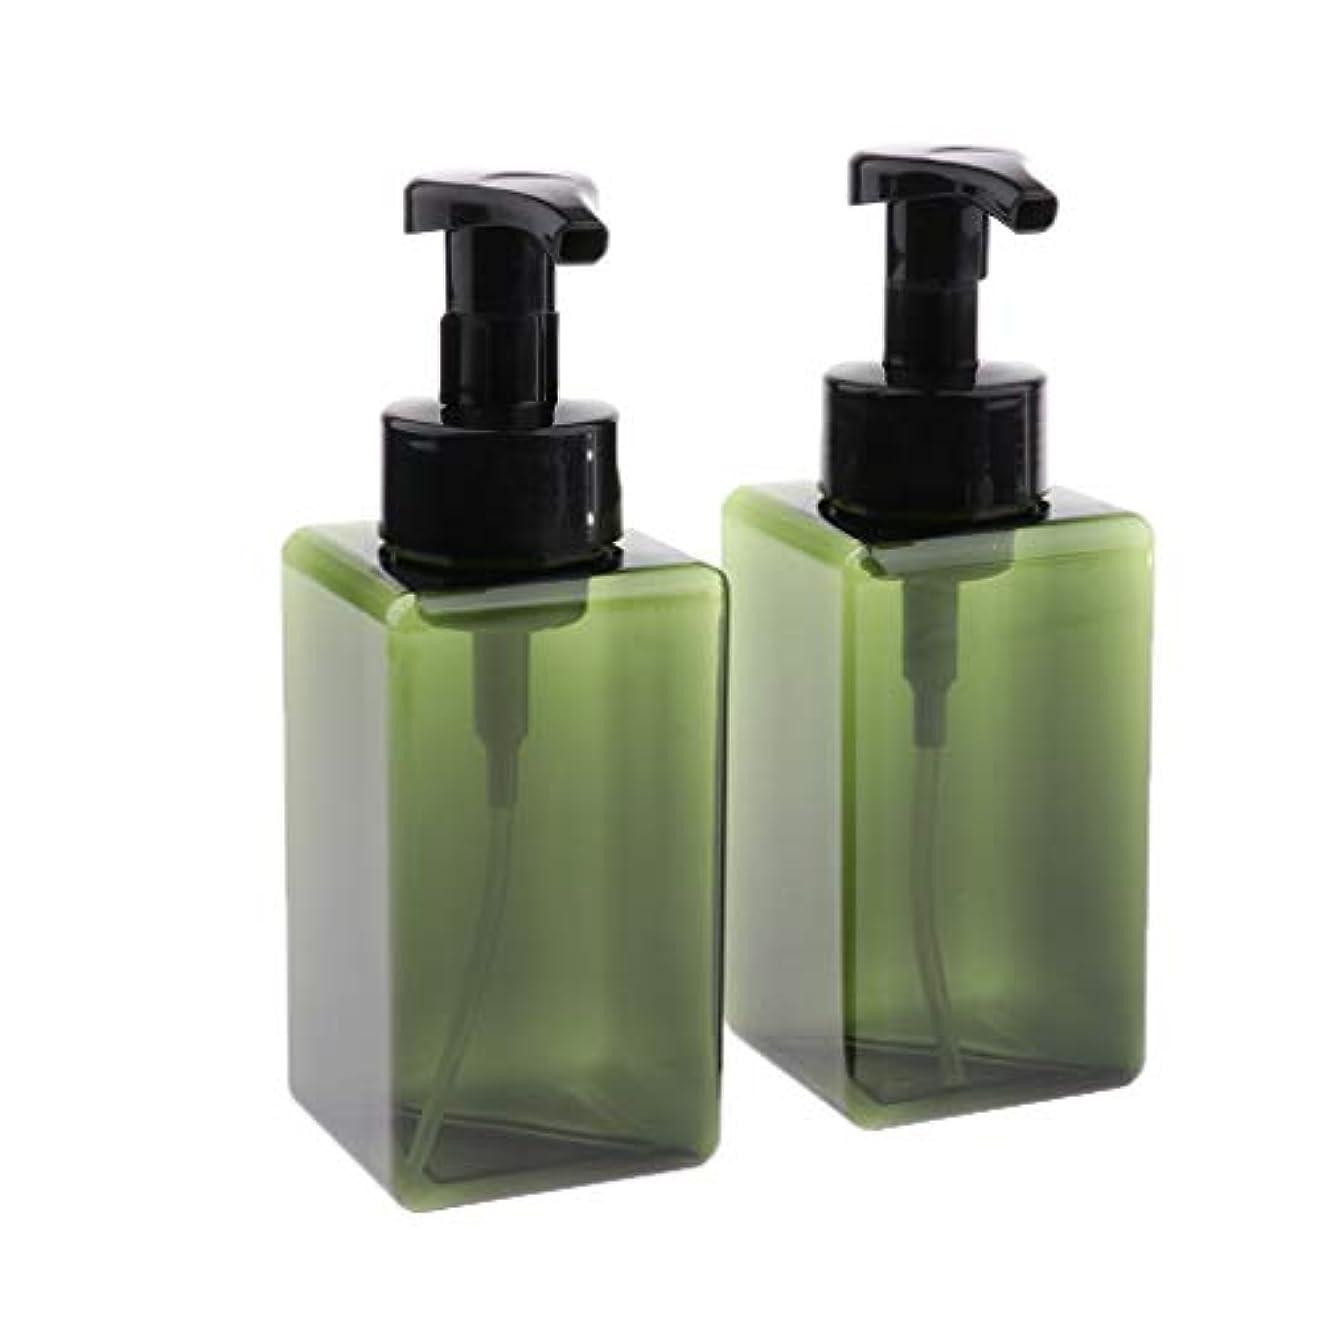 砲撃均等に準備するCUTICATE 2個 450ml 小分けボトル 泡ポンプボトル 空ボトル ディスペンサー 詰め替え容器 旅行ボトル 全6色 - 緑